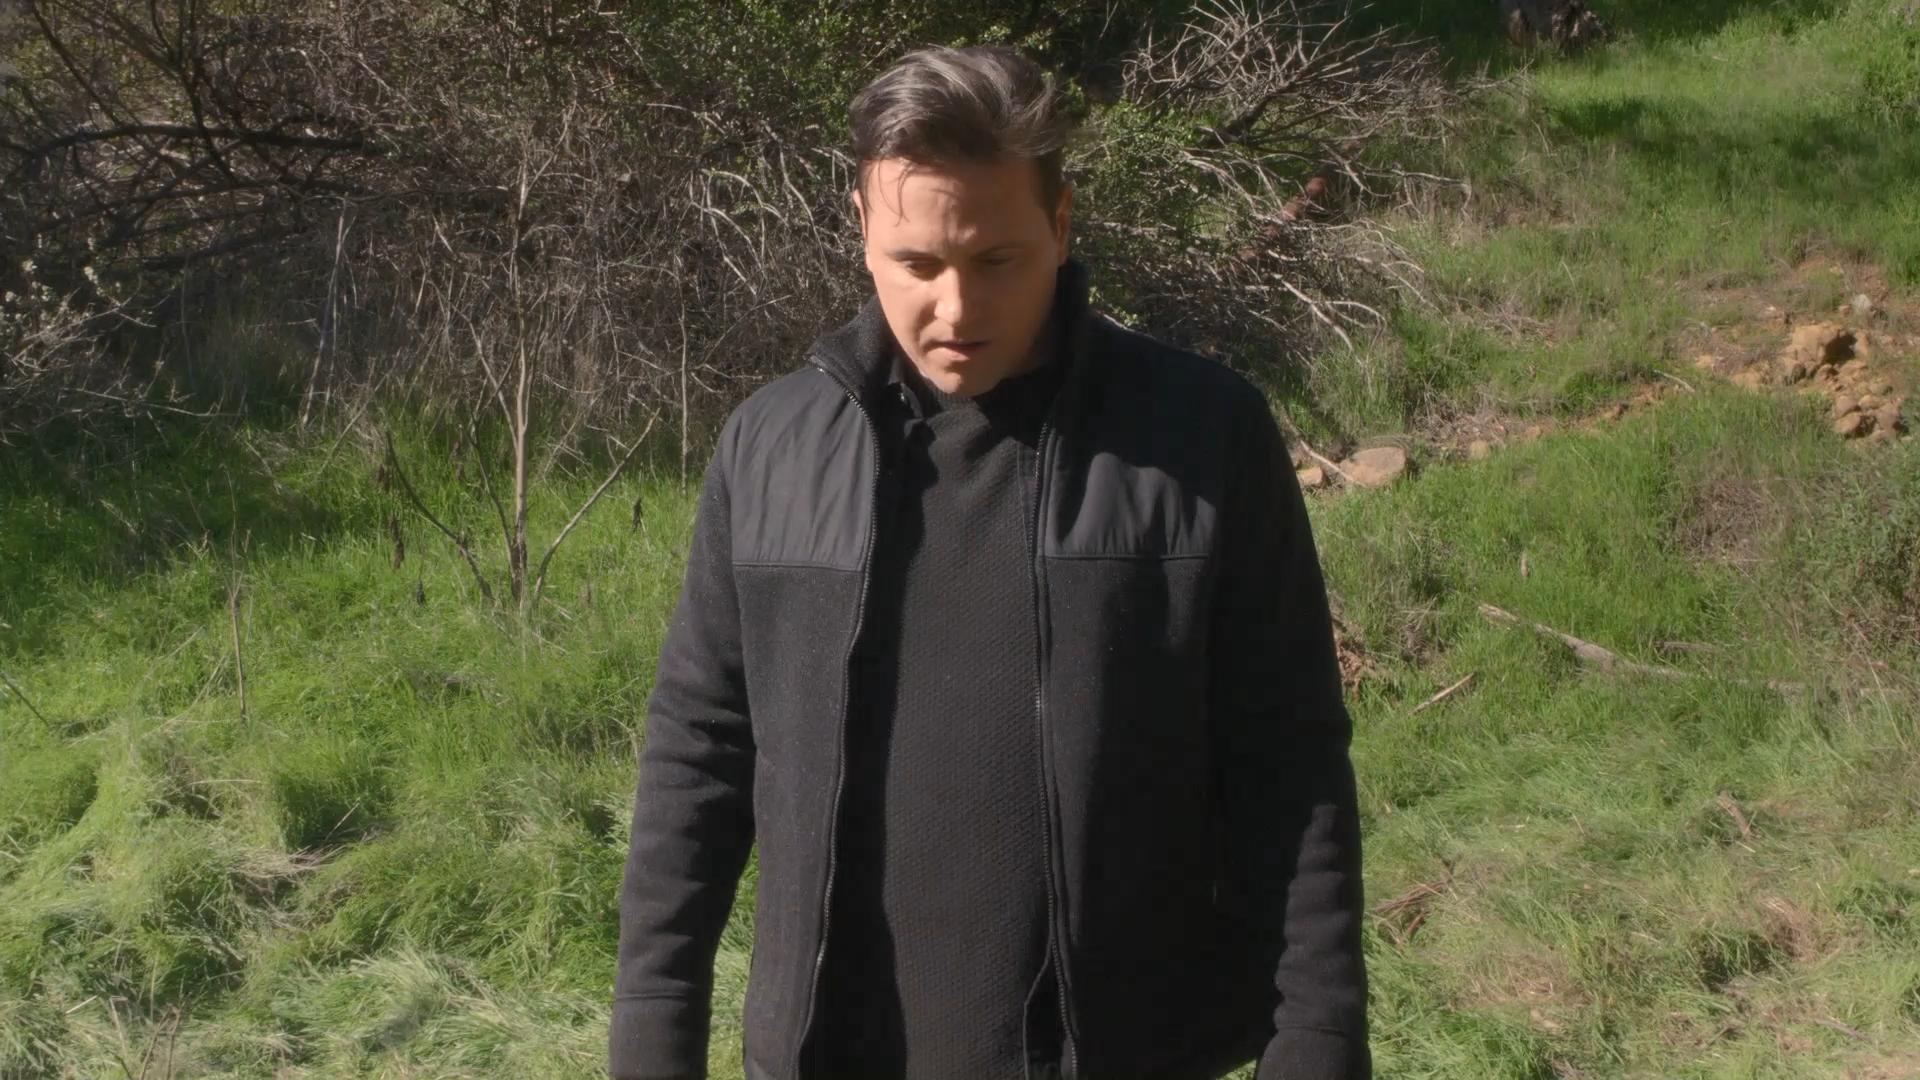 Изображение для Мыслить как преступник / Criminal Minds, Сезон 15, Серии 1-10 из 10 (2020) WEBRip 1080p (кликните для просмотра полного изображения)